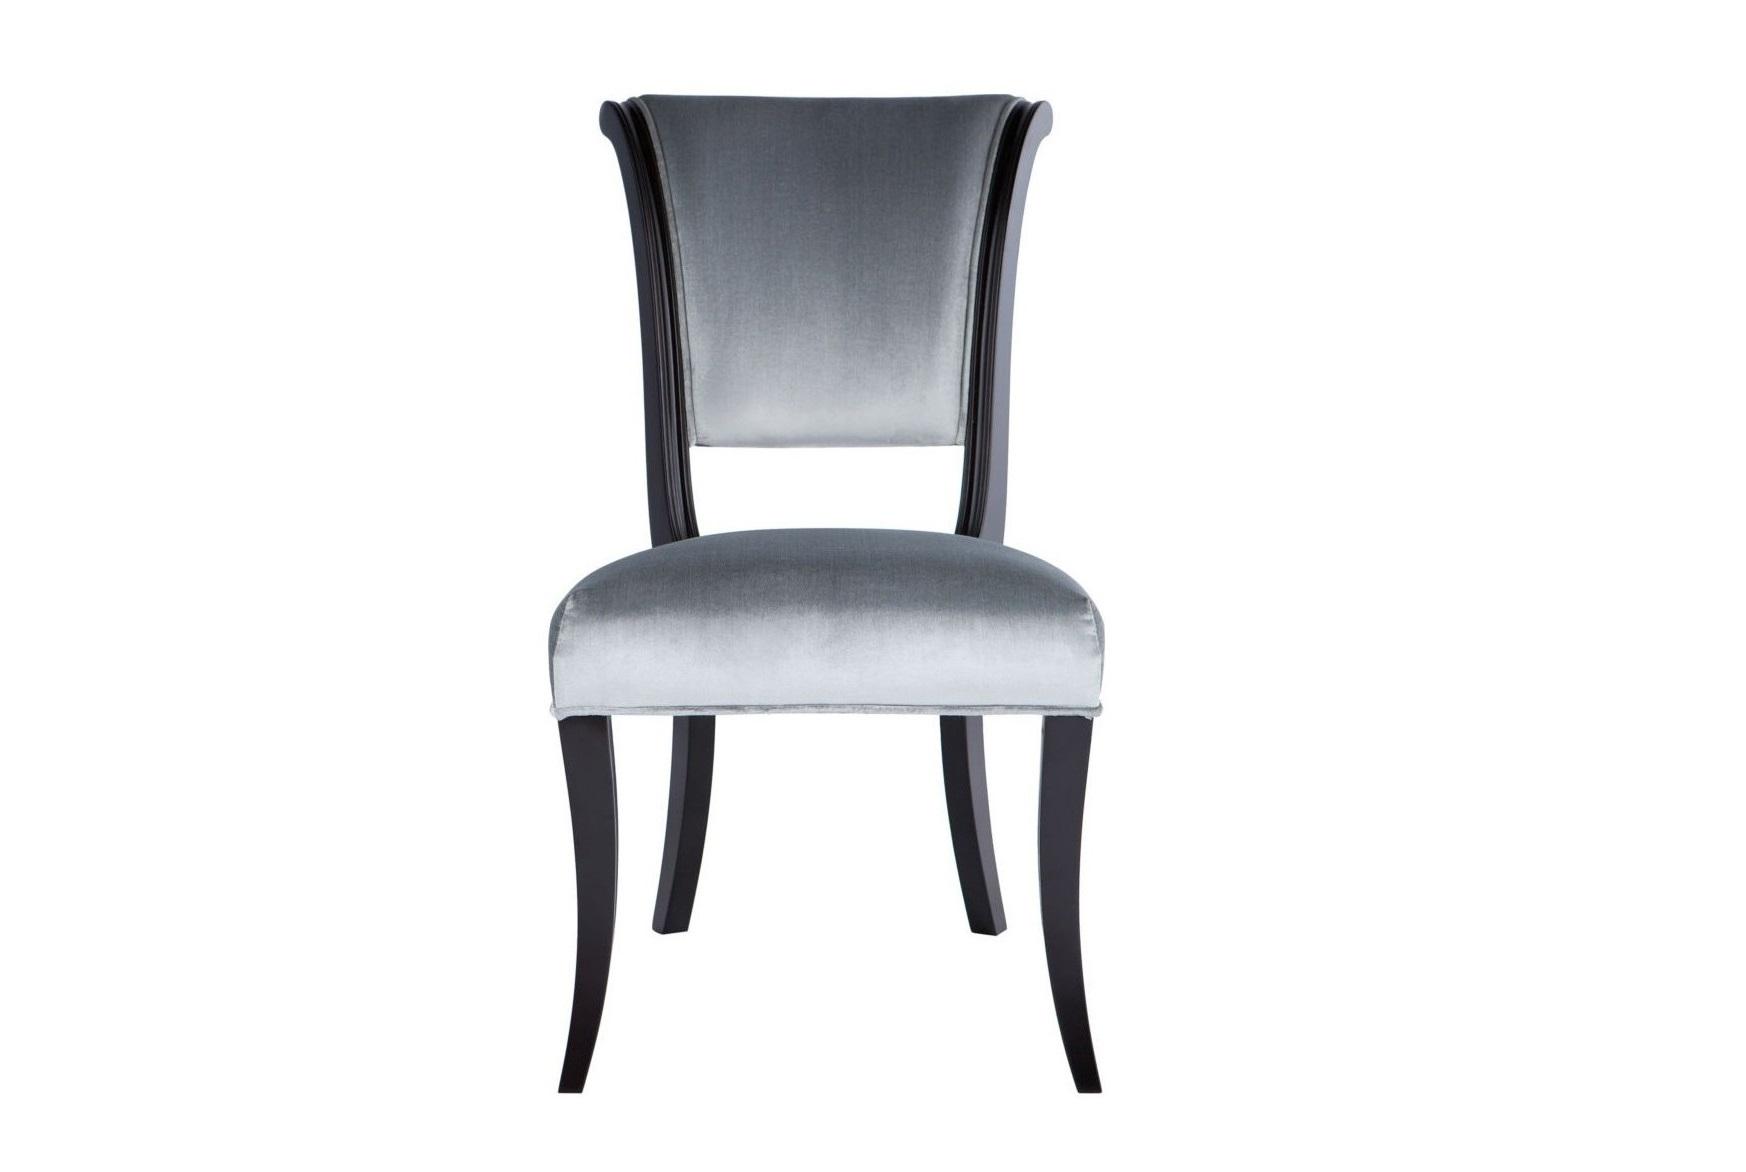 Стул AdalineОбеденные стулья<br>Материал: Дерево, ткань<br><br>Material: Дерево<br>Ширина см: 52<br>Высота см: 91<br>Глубина см: 65